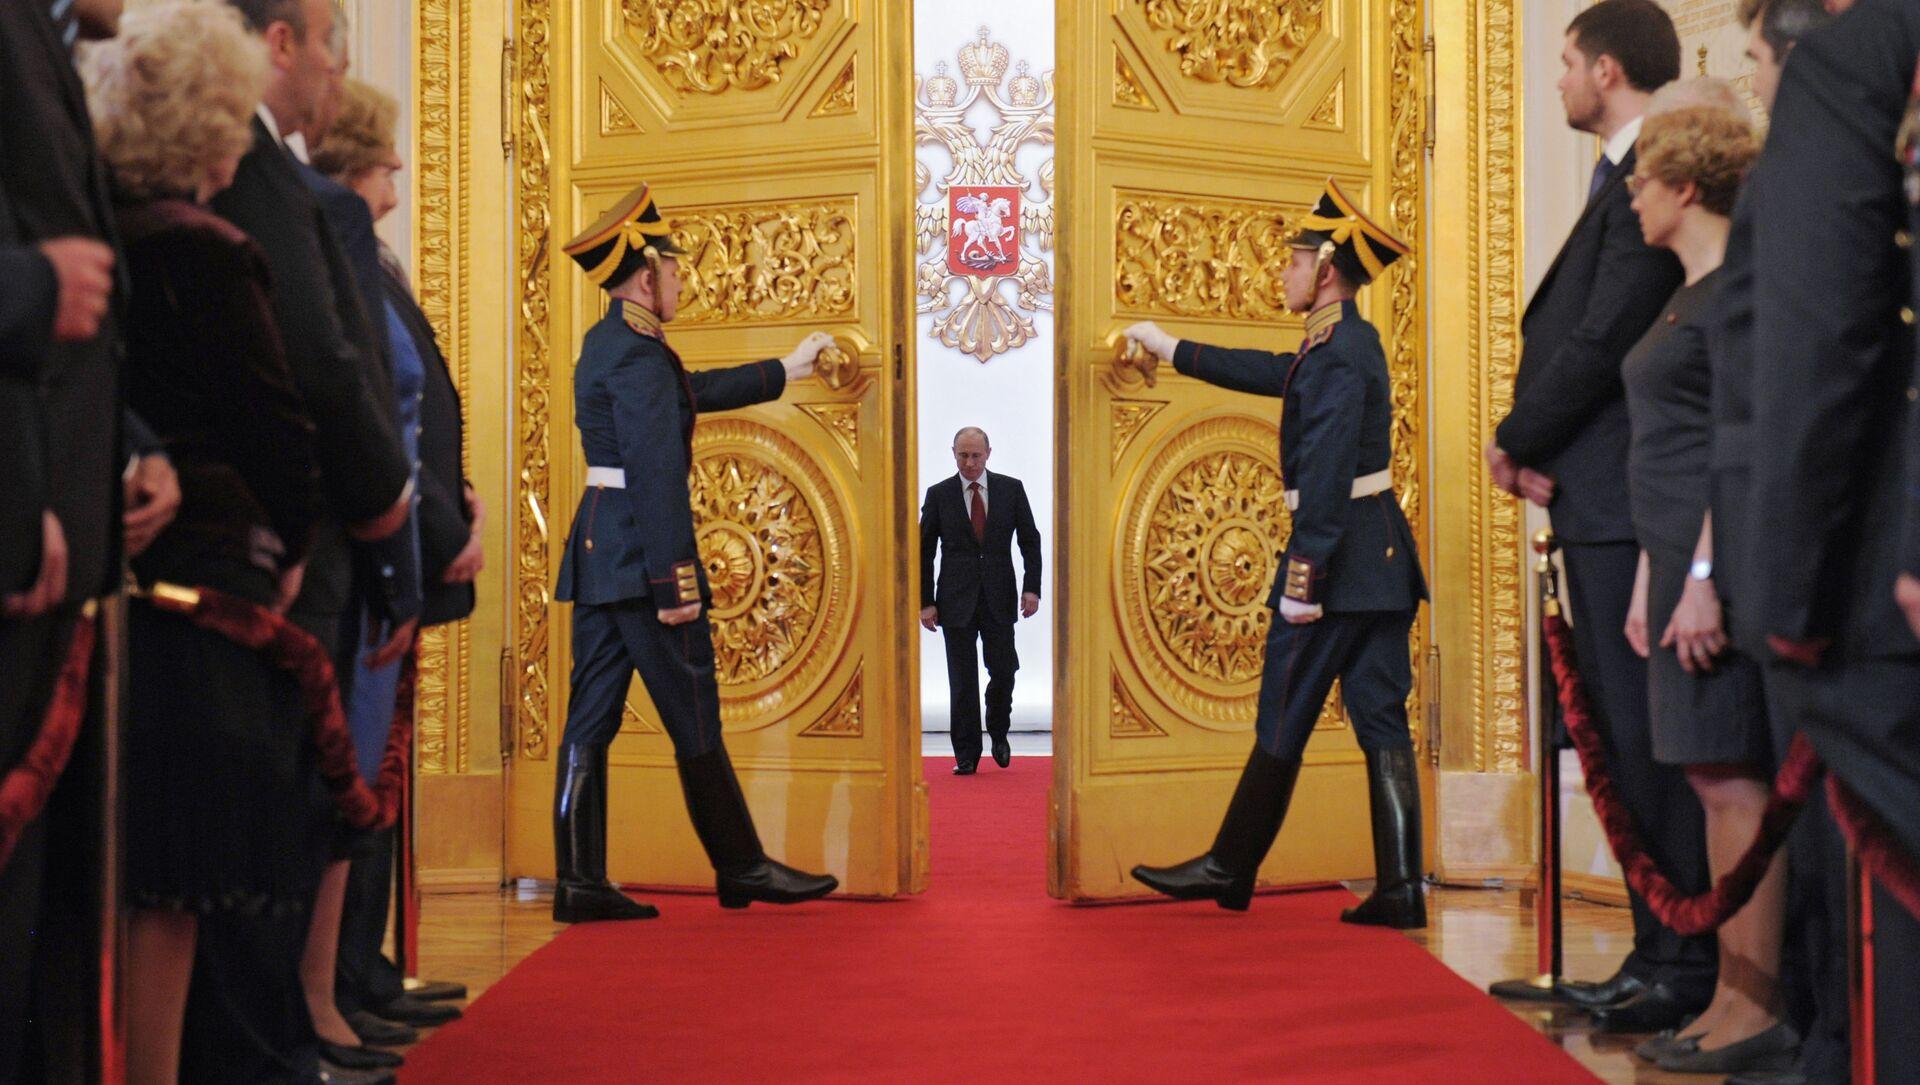 Władimir Putin w Wielkim Pałacu Kremlowskim podczas ceremonii objęcia stanowiska prezydenta, 2012 rok - Sputnik Polska, 1920, 24.04.2021